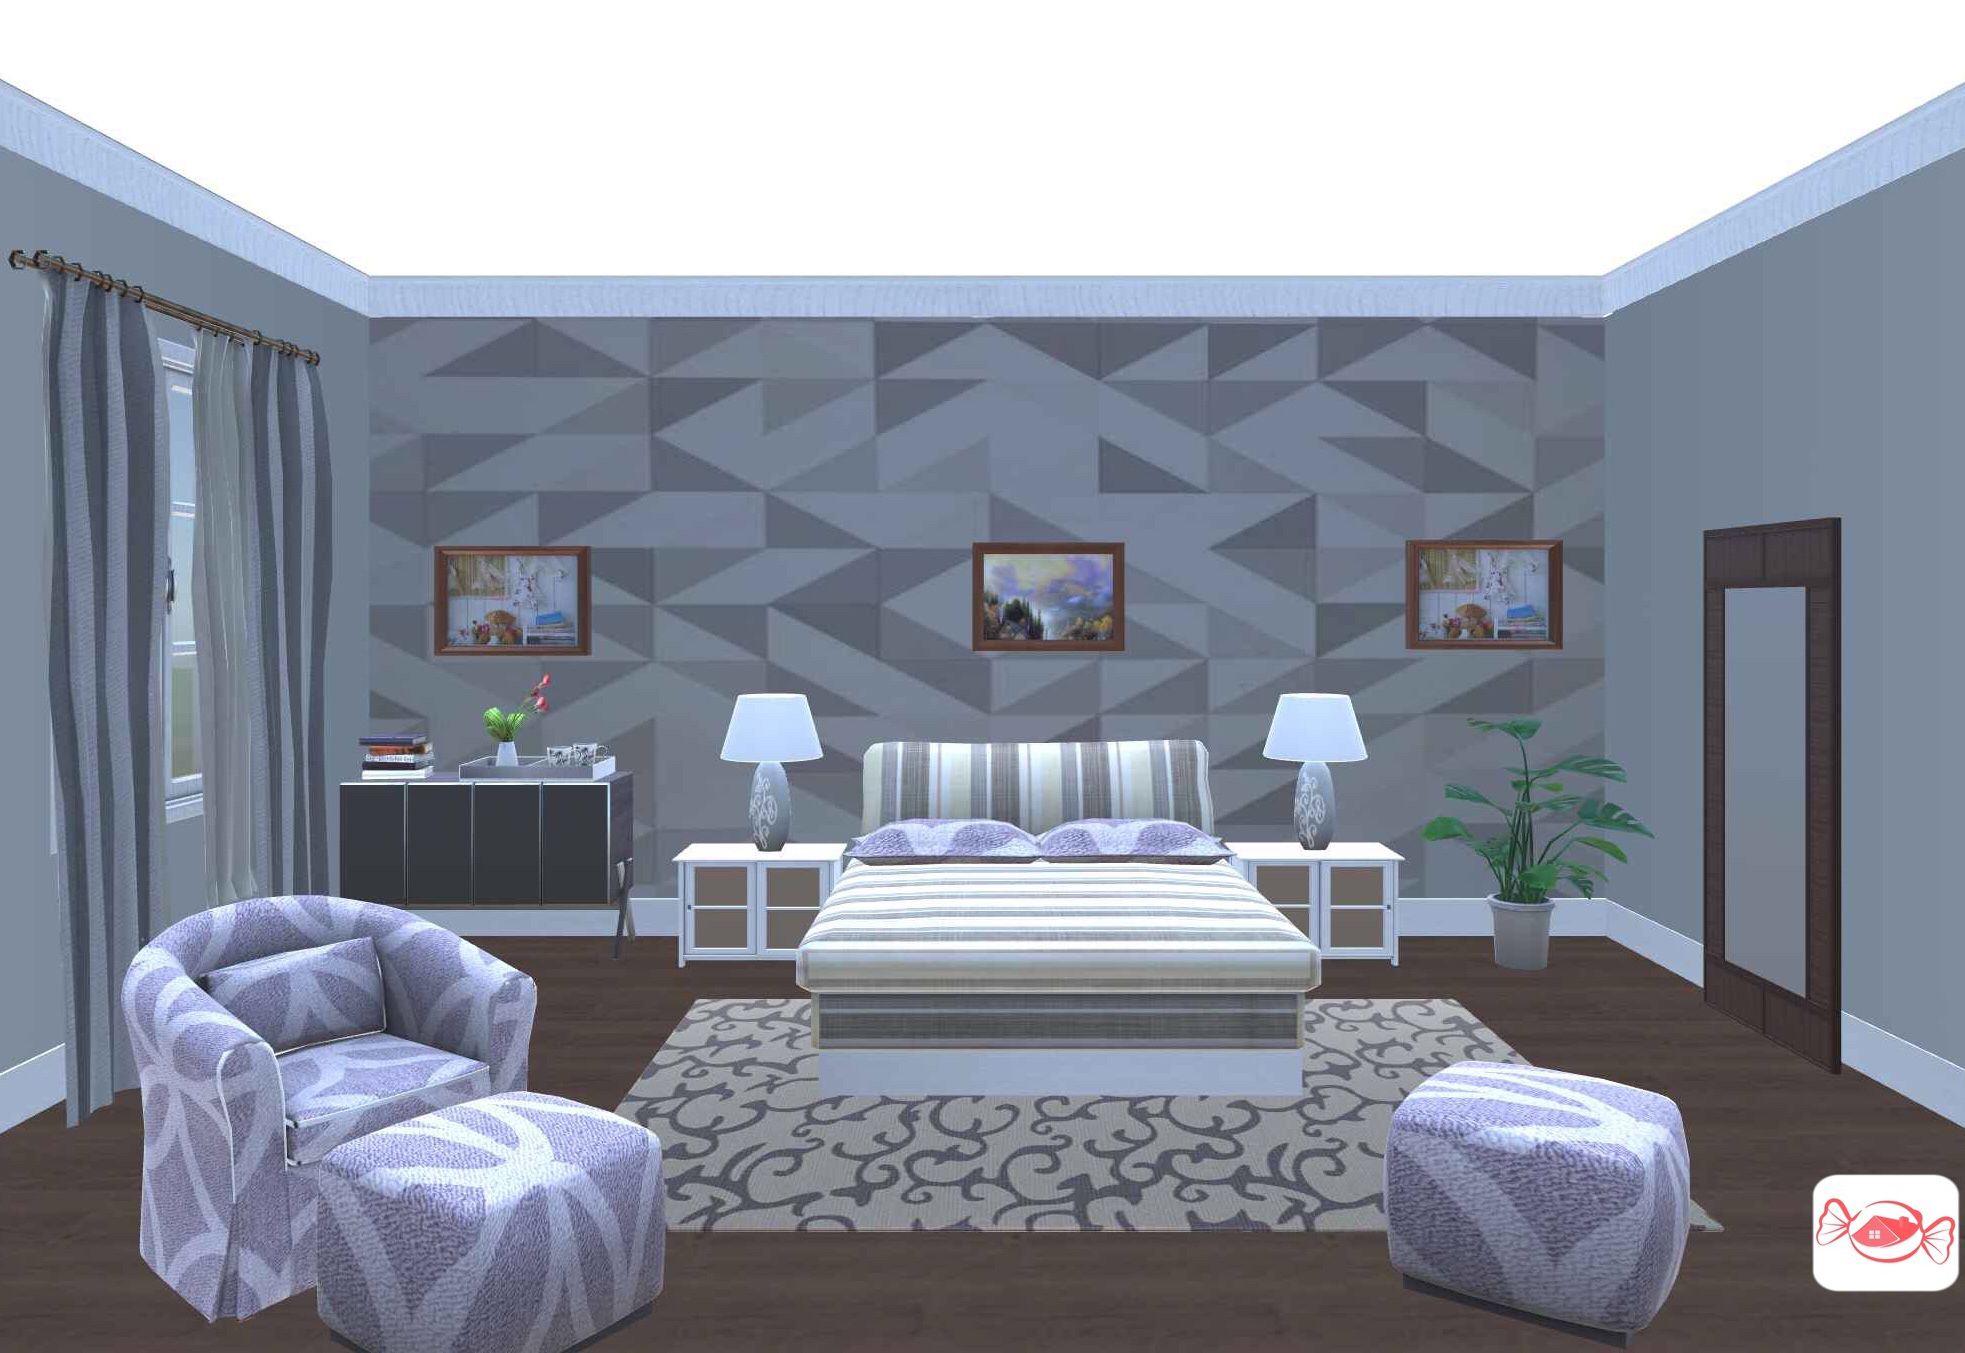 Serene Bedroom Serene Bedroom 3d Home Design Bedroom Styles